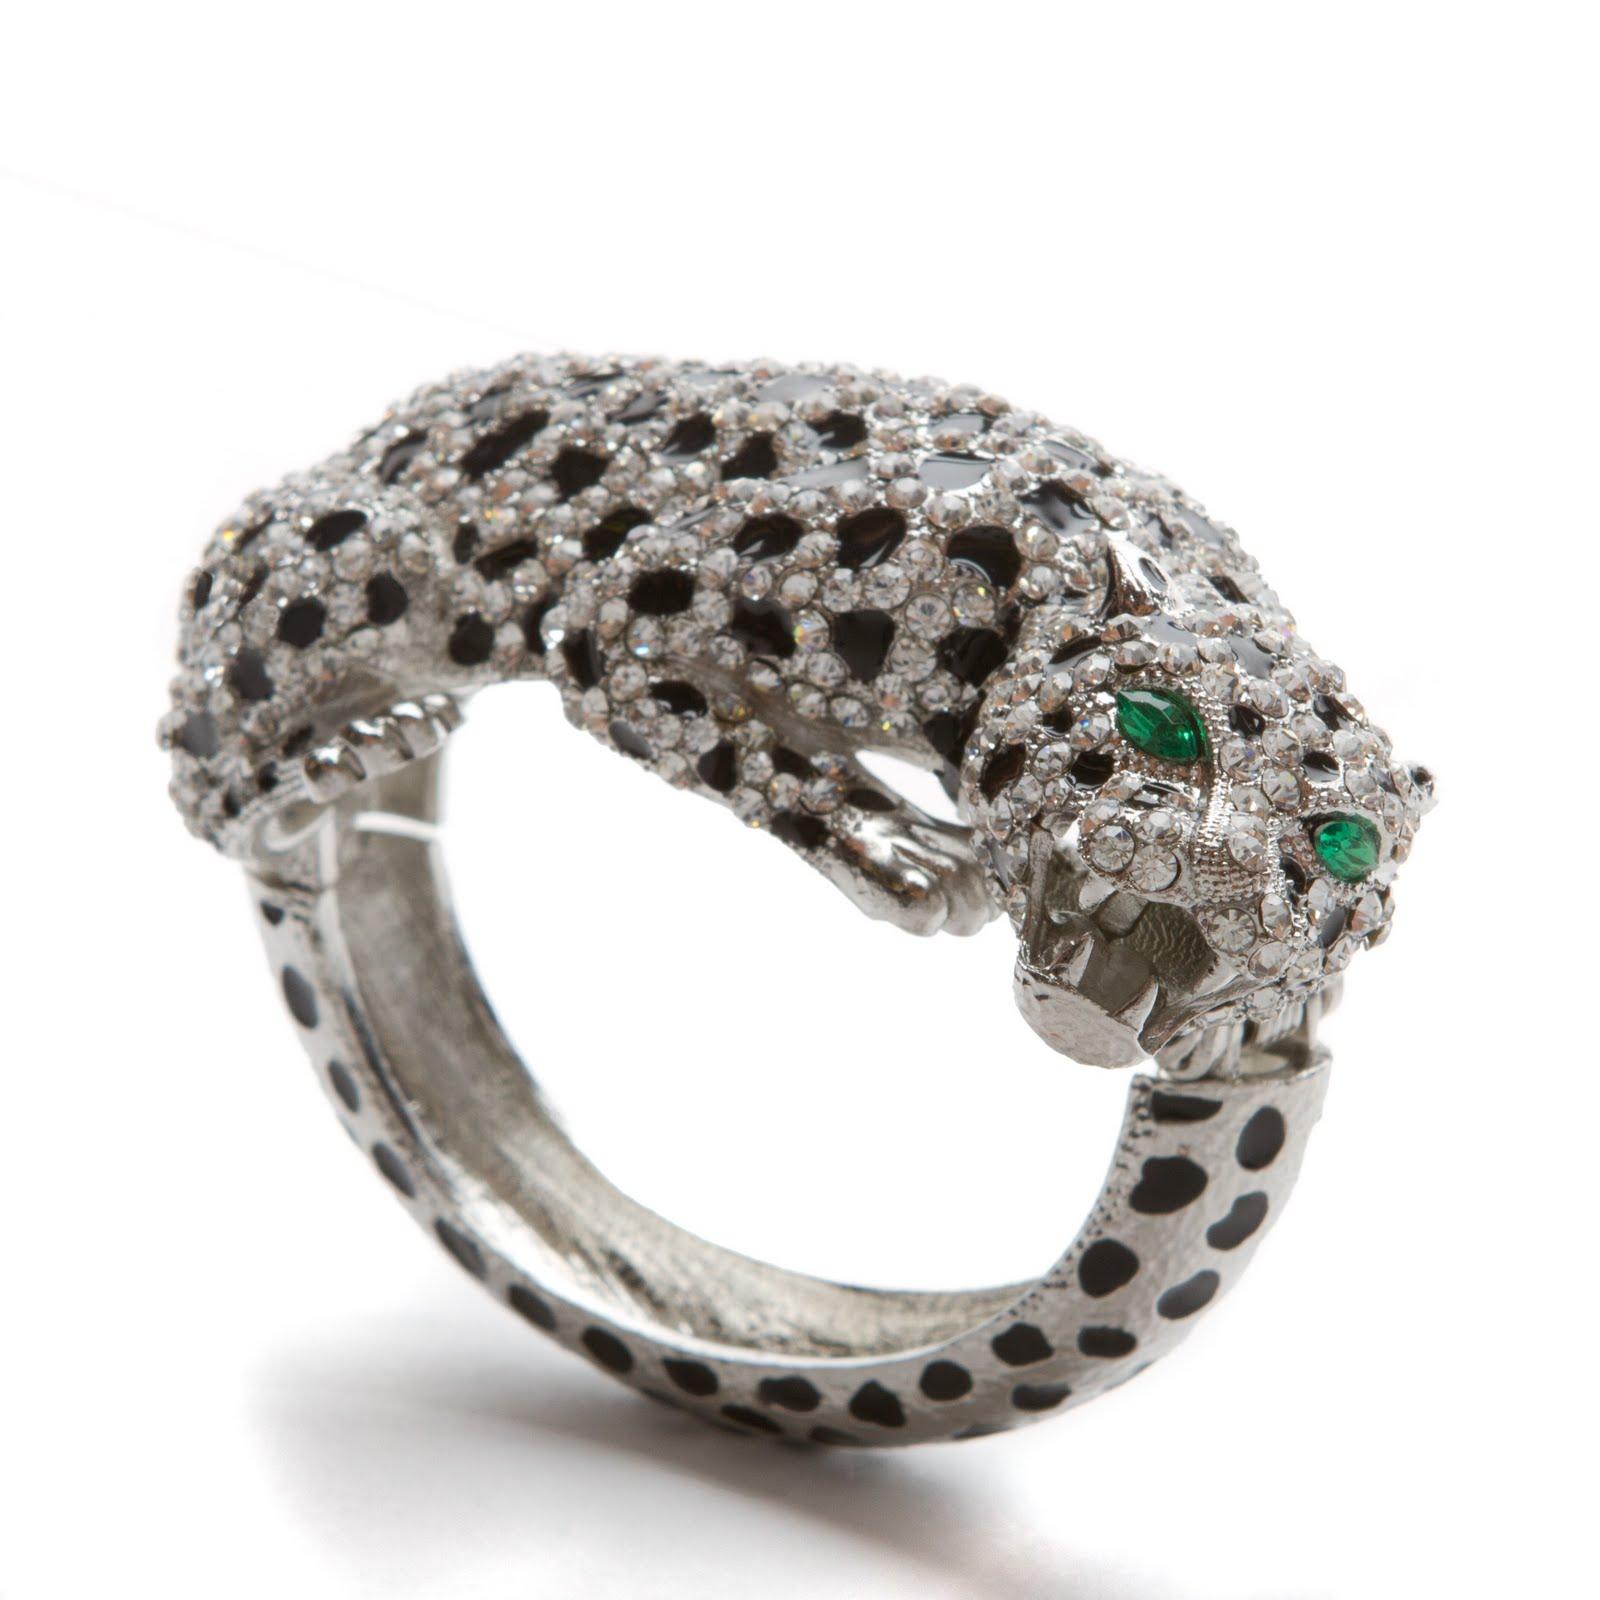 http://2.bp.blogspot.com/-t16nXFb8cd0/TkdJ-Uczu_I/AAAAAAAAI94/a_5NhLyC2Tg/s1600/ring+one.jpg